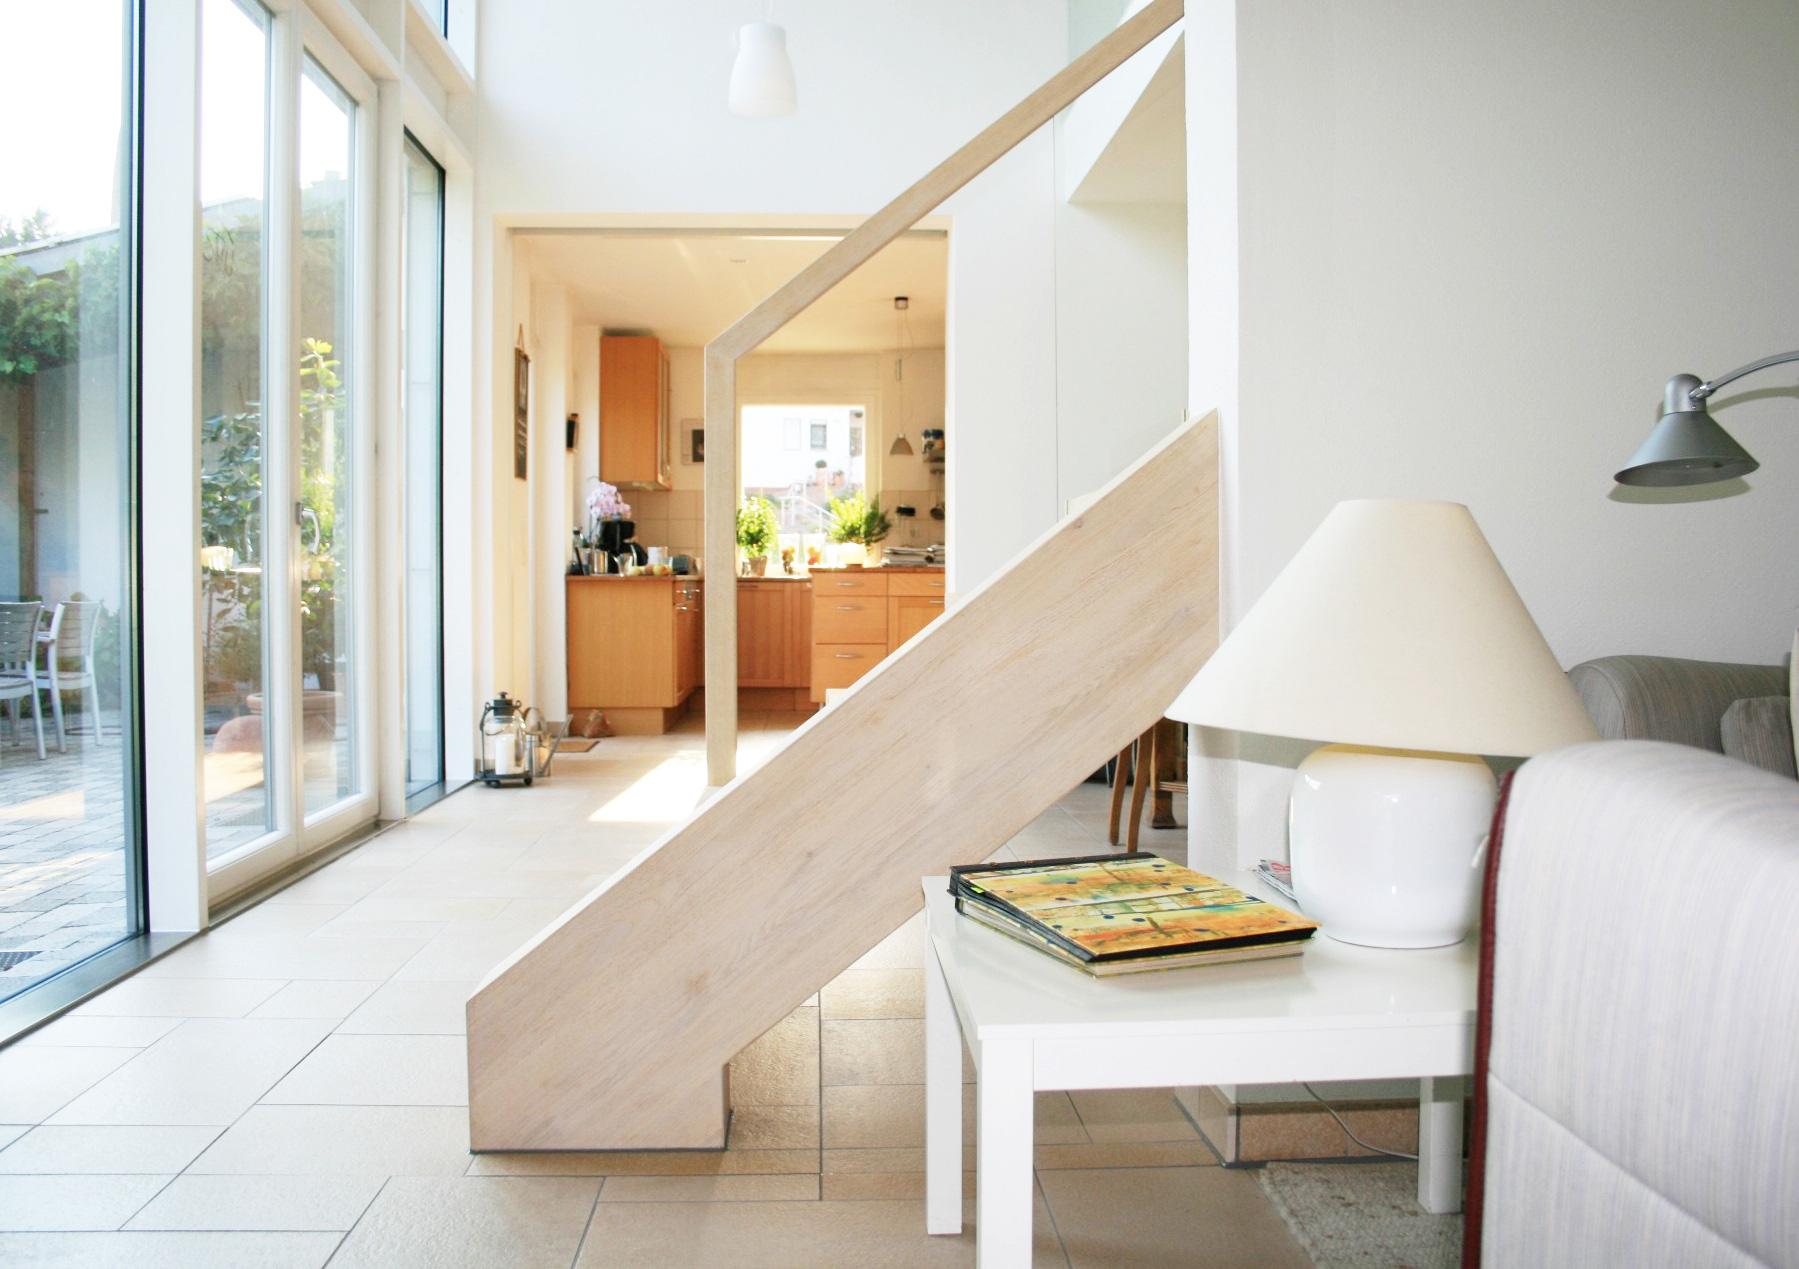 Schlanke Kragstufentreppe mit Echtglasgeländer in Lohr am Main